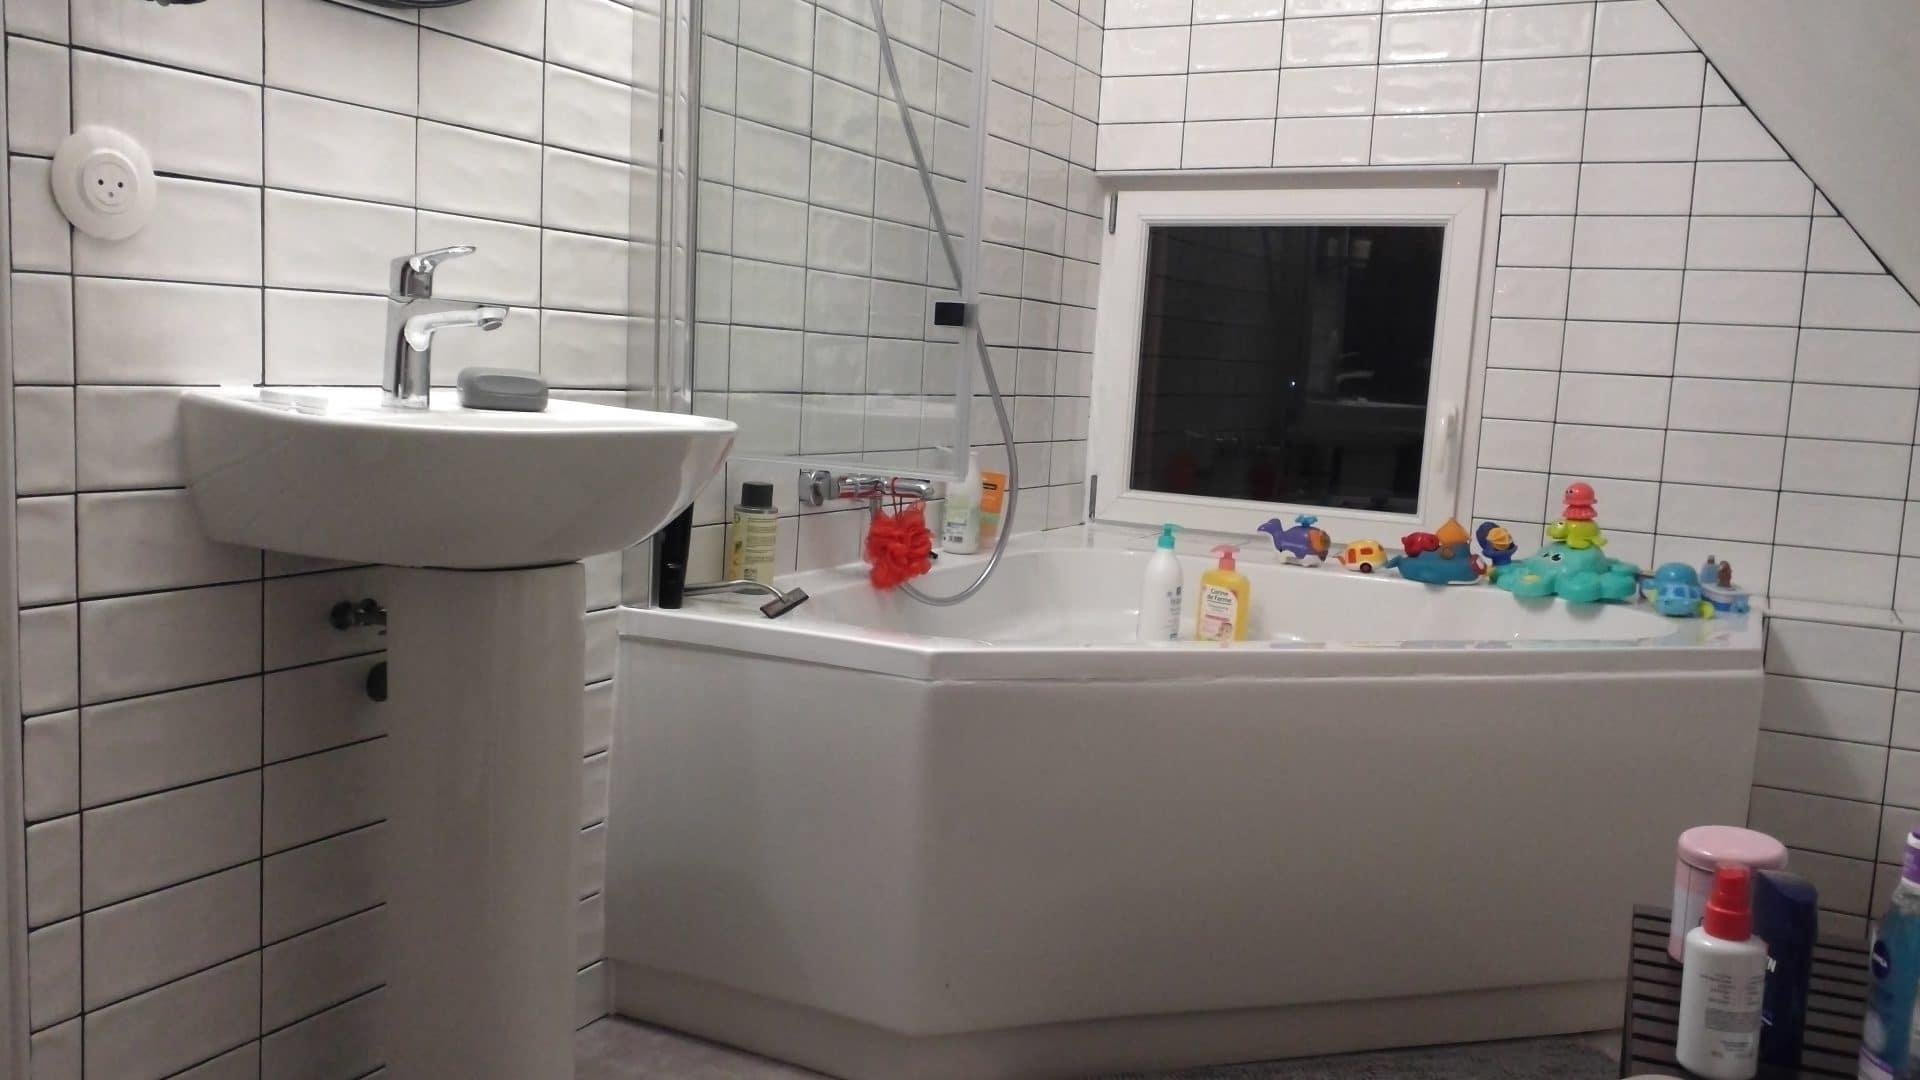 Salle De Bain Avec Baignoire rénovation de salle de bain avec baignoire d'angle à courdemanche (27)